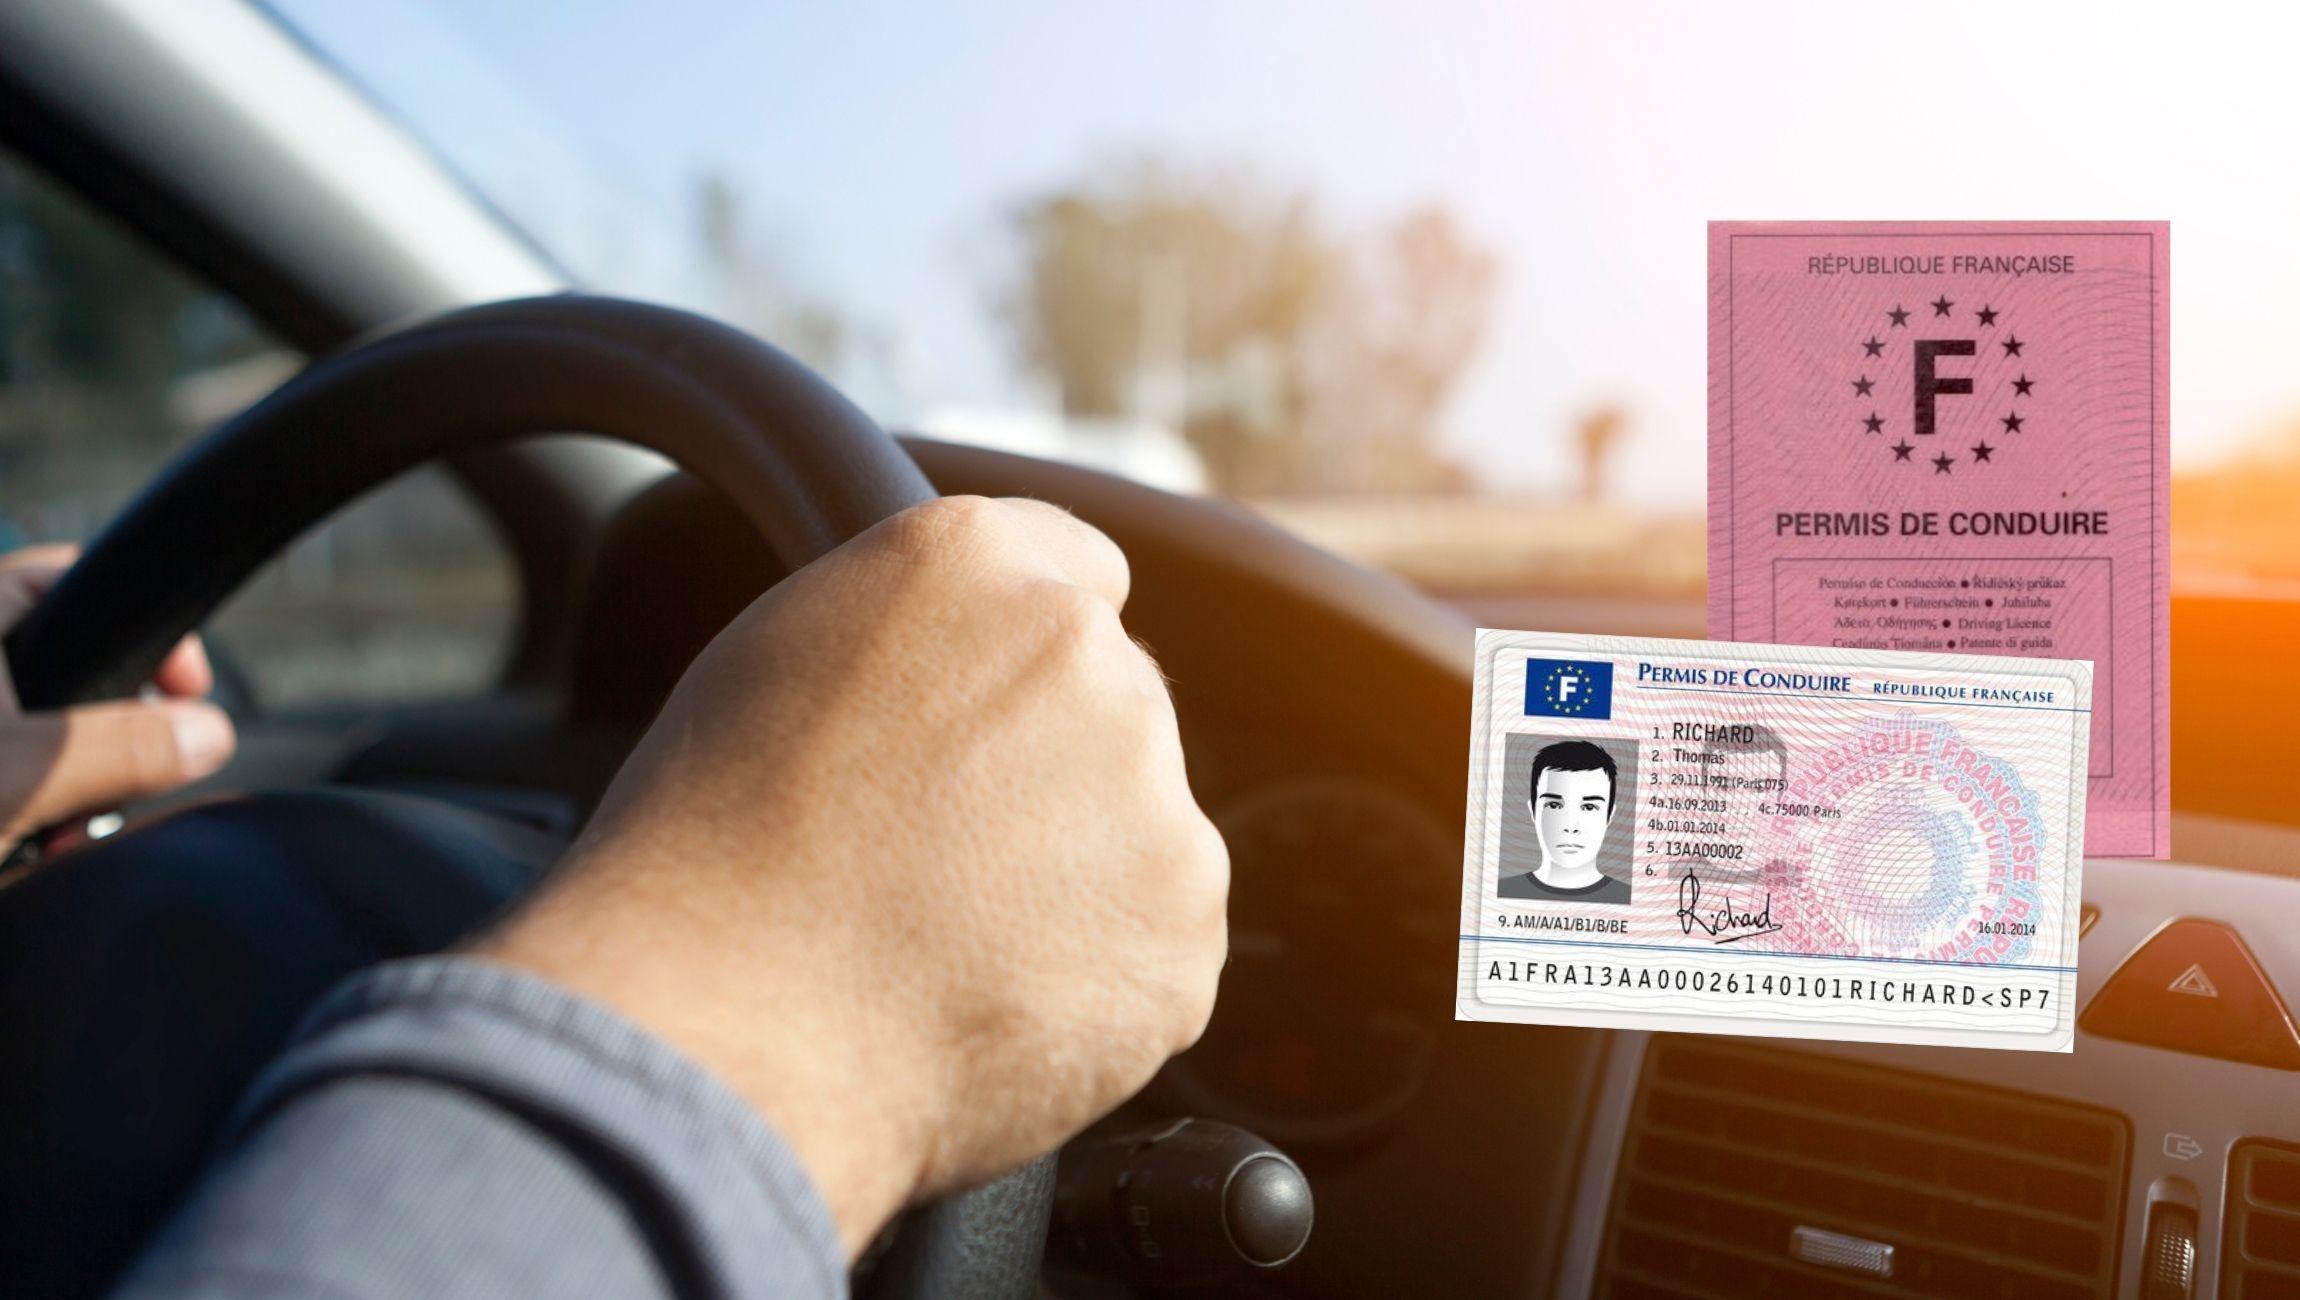 Perte permis de conduire : quels délais ?